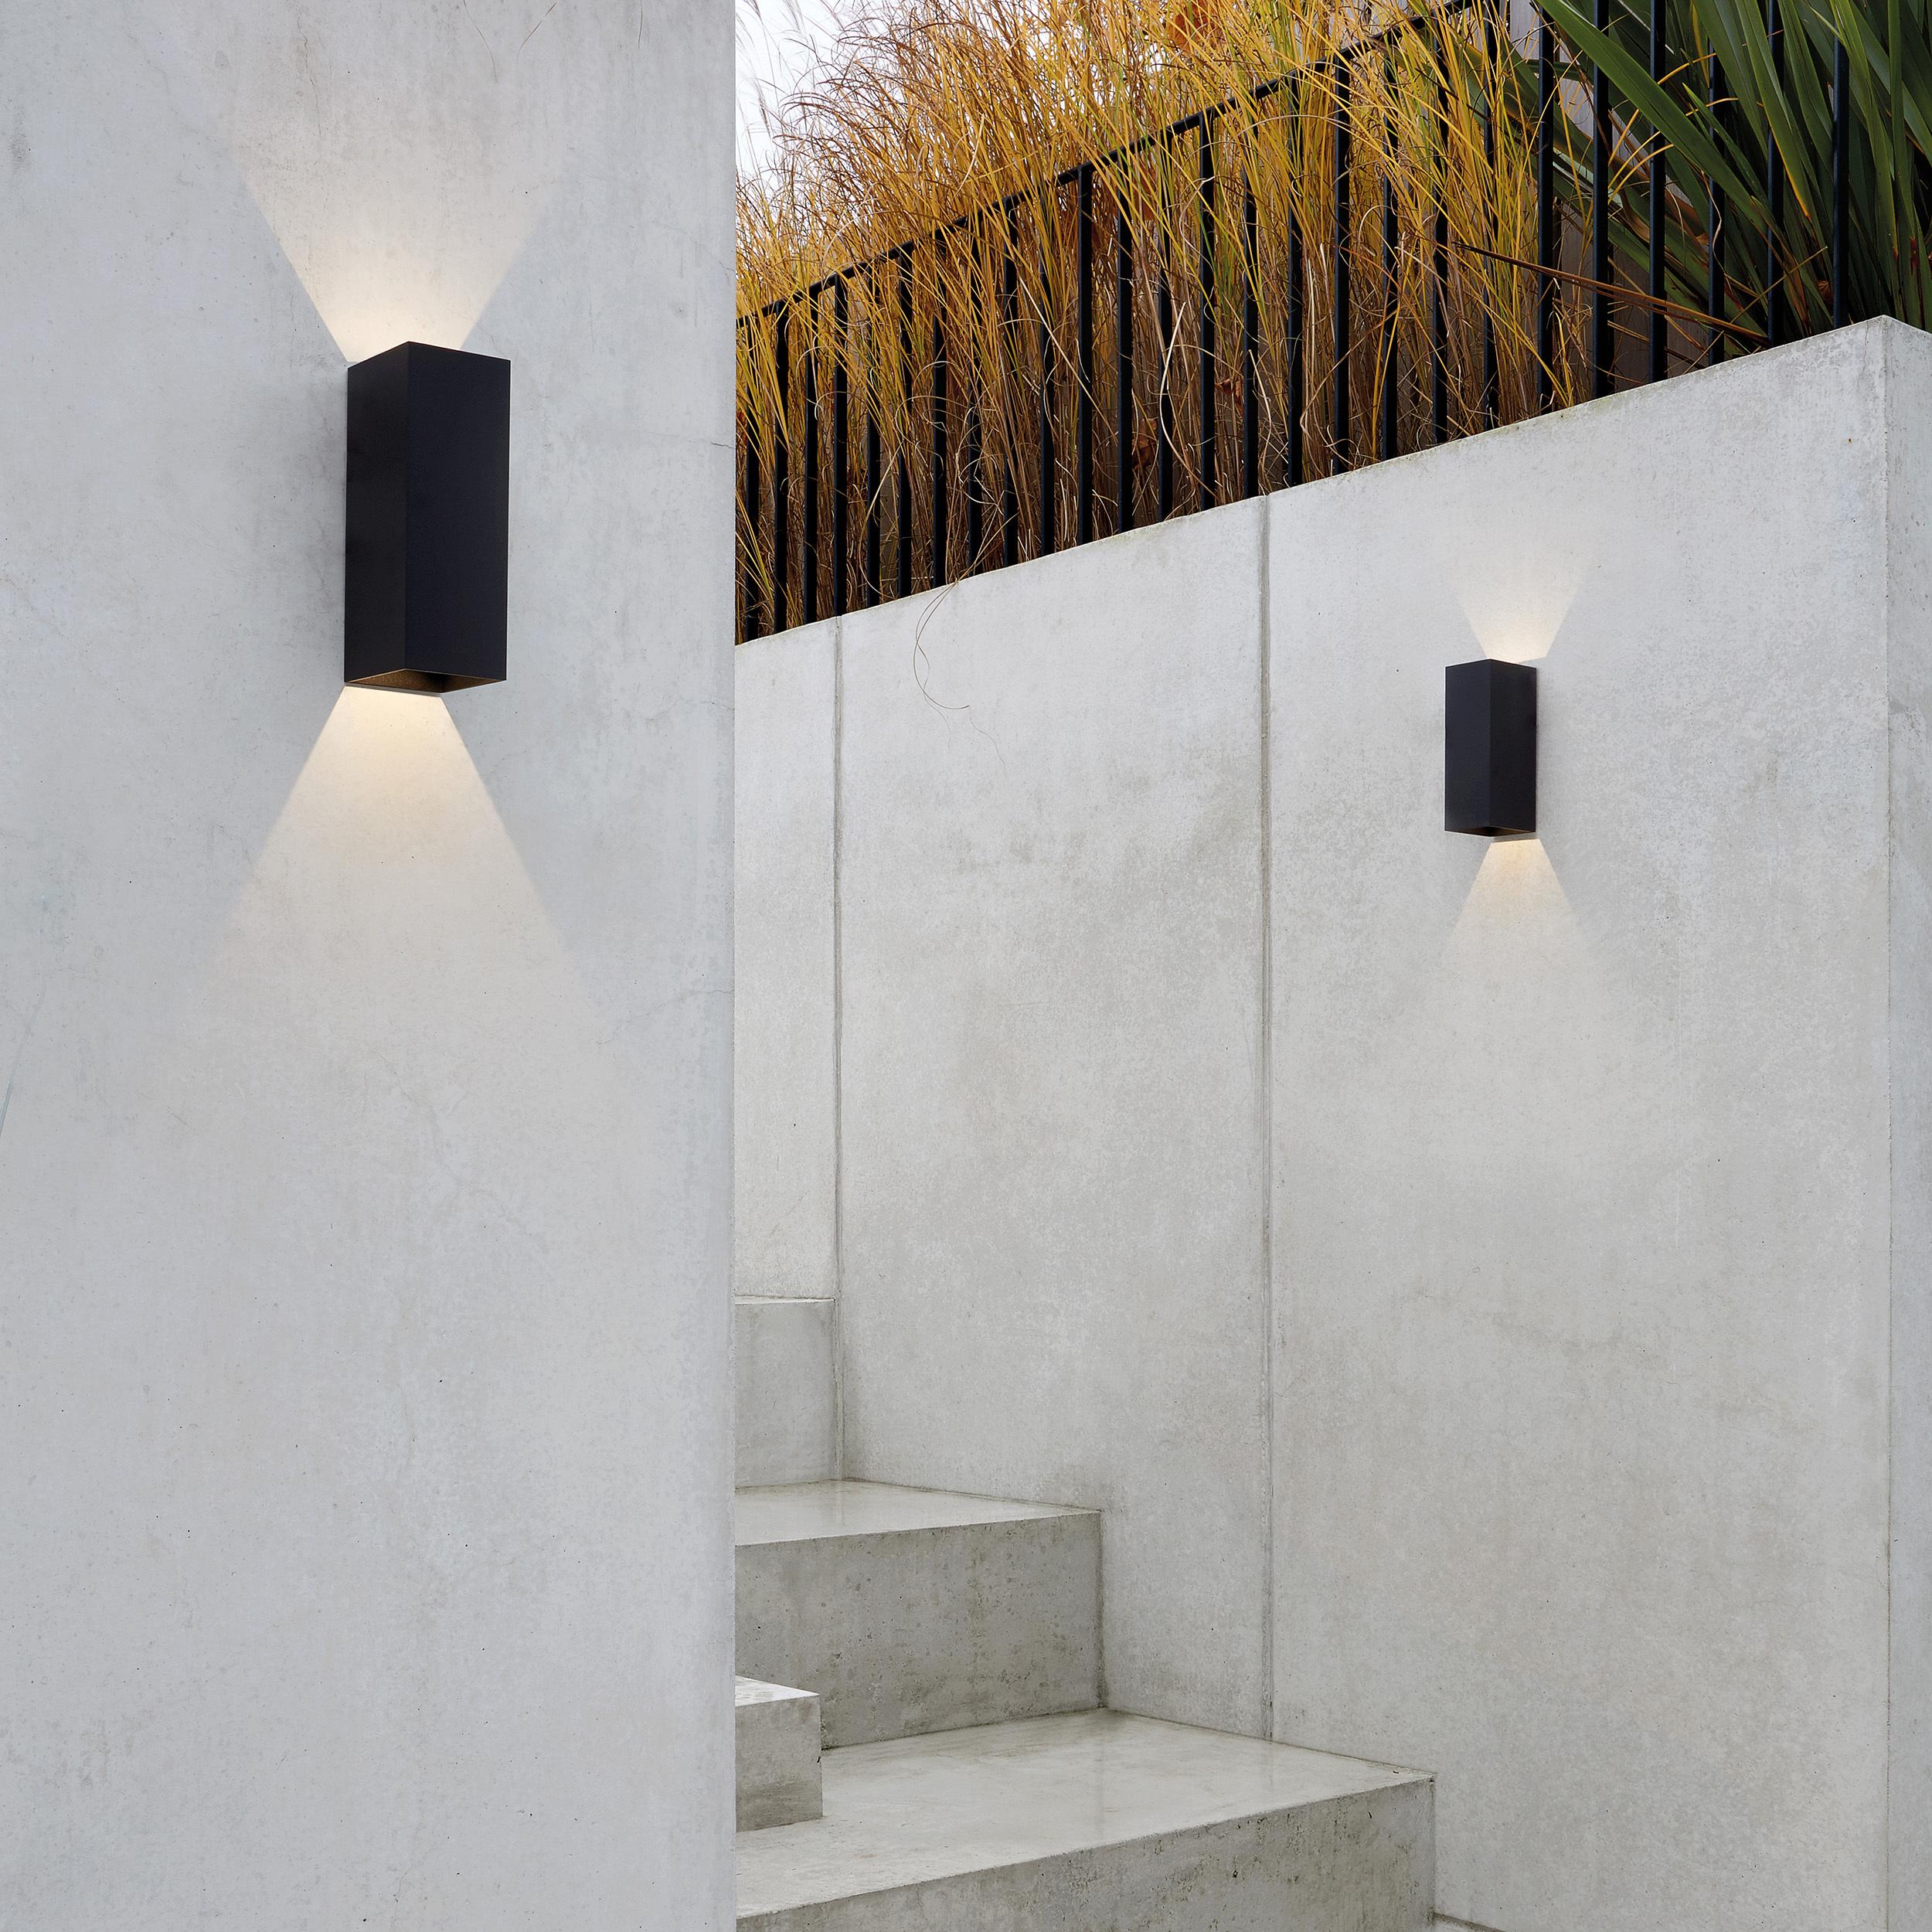 Настенный светодиодный светильник Astro Oslo 1298009 (7991), IP65, LED 7,5W 3000K 270.46lm CRI80, белый, металл, стекло - фото 5